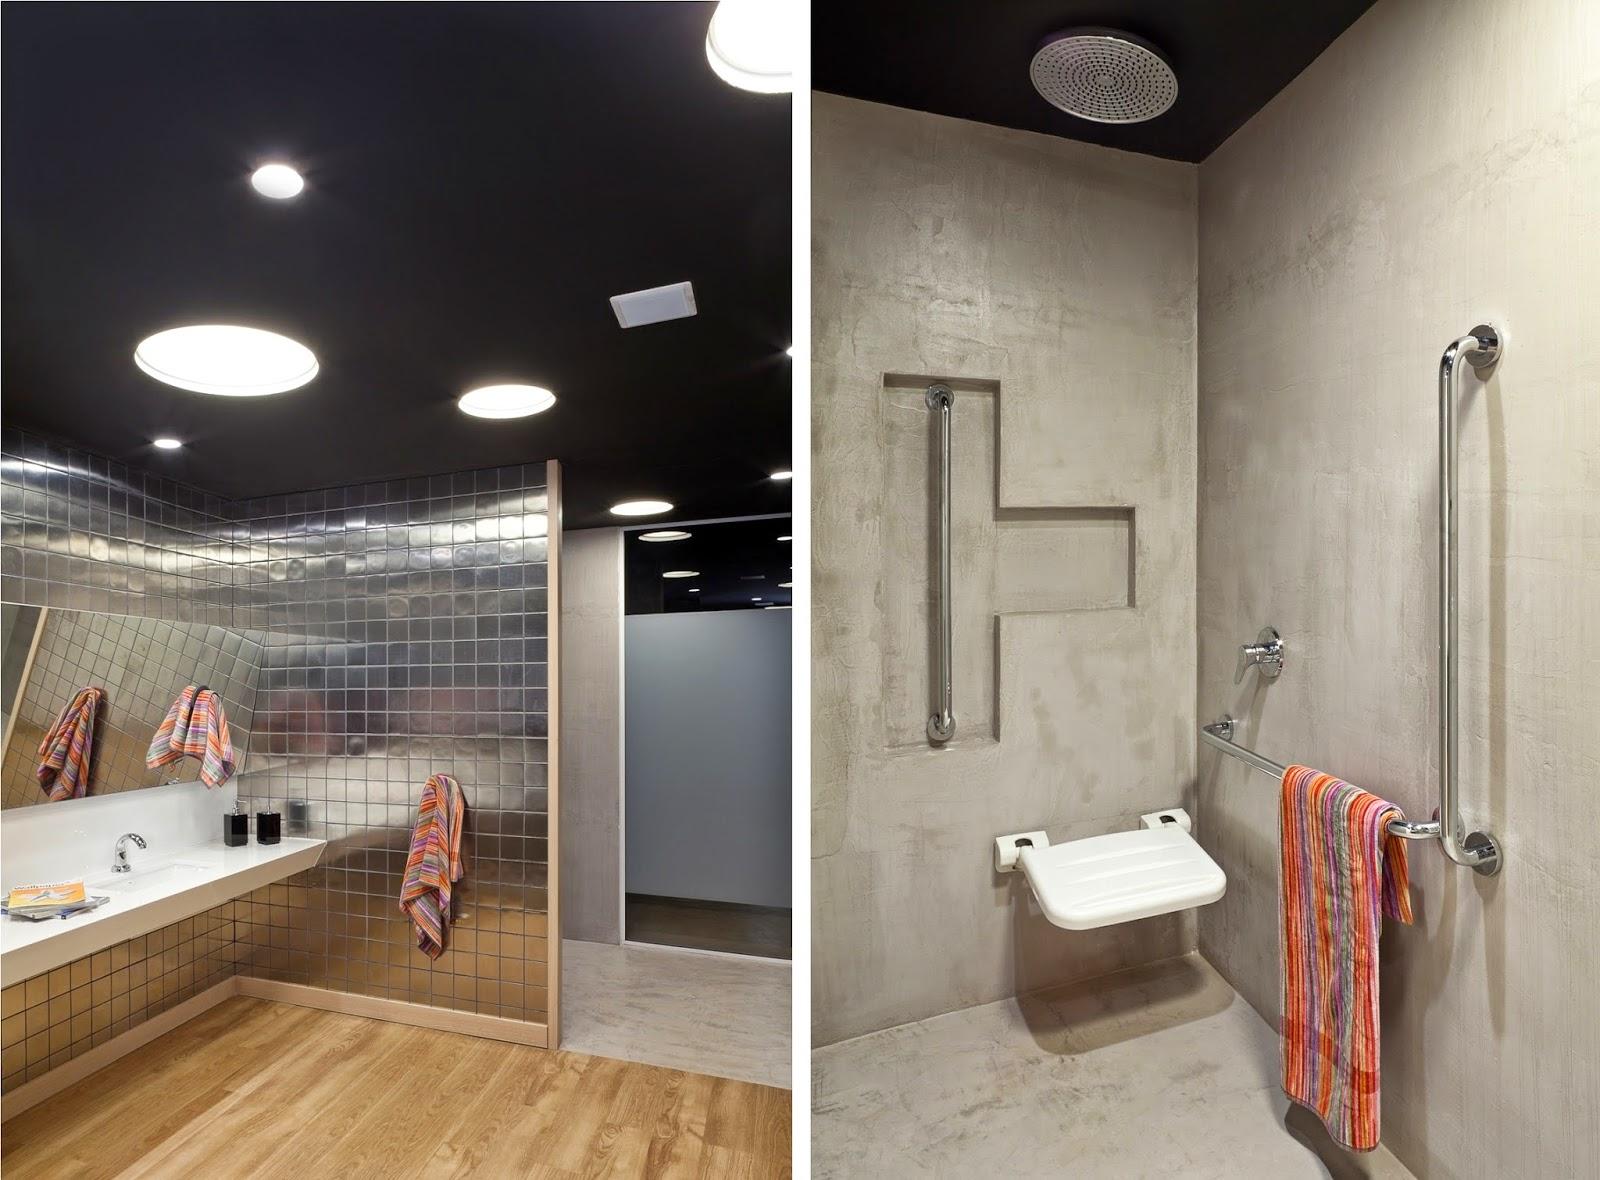 algumas imagens de banheiros adaptados para idosos ou deficientes #A34228 1600x1180 Banheiro Acessivel Para Idosos